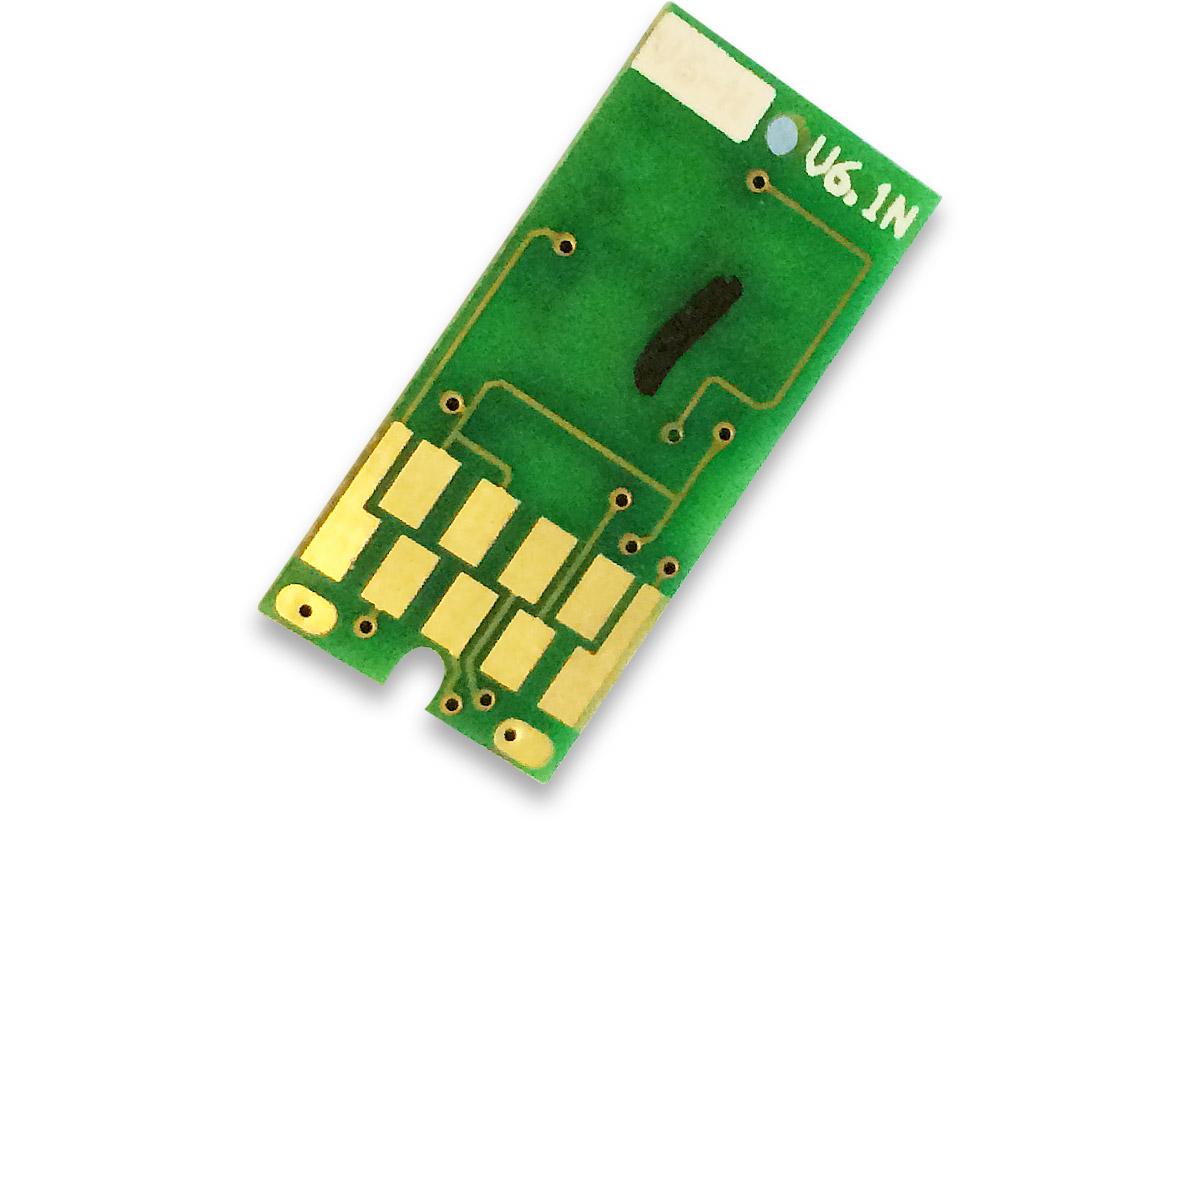 Ersatz-Chip 700ml kompatibel für Epson Stylus Pro 7700 | 7900 | 9700 | 9900